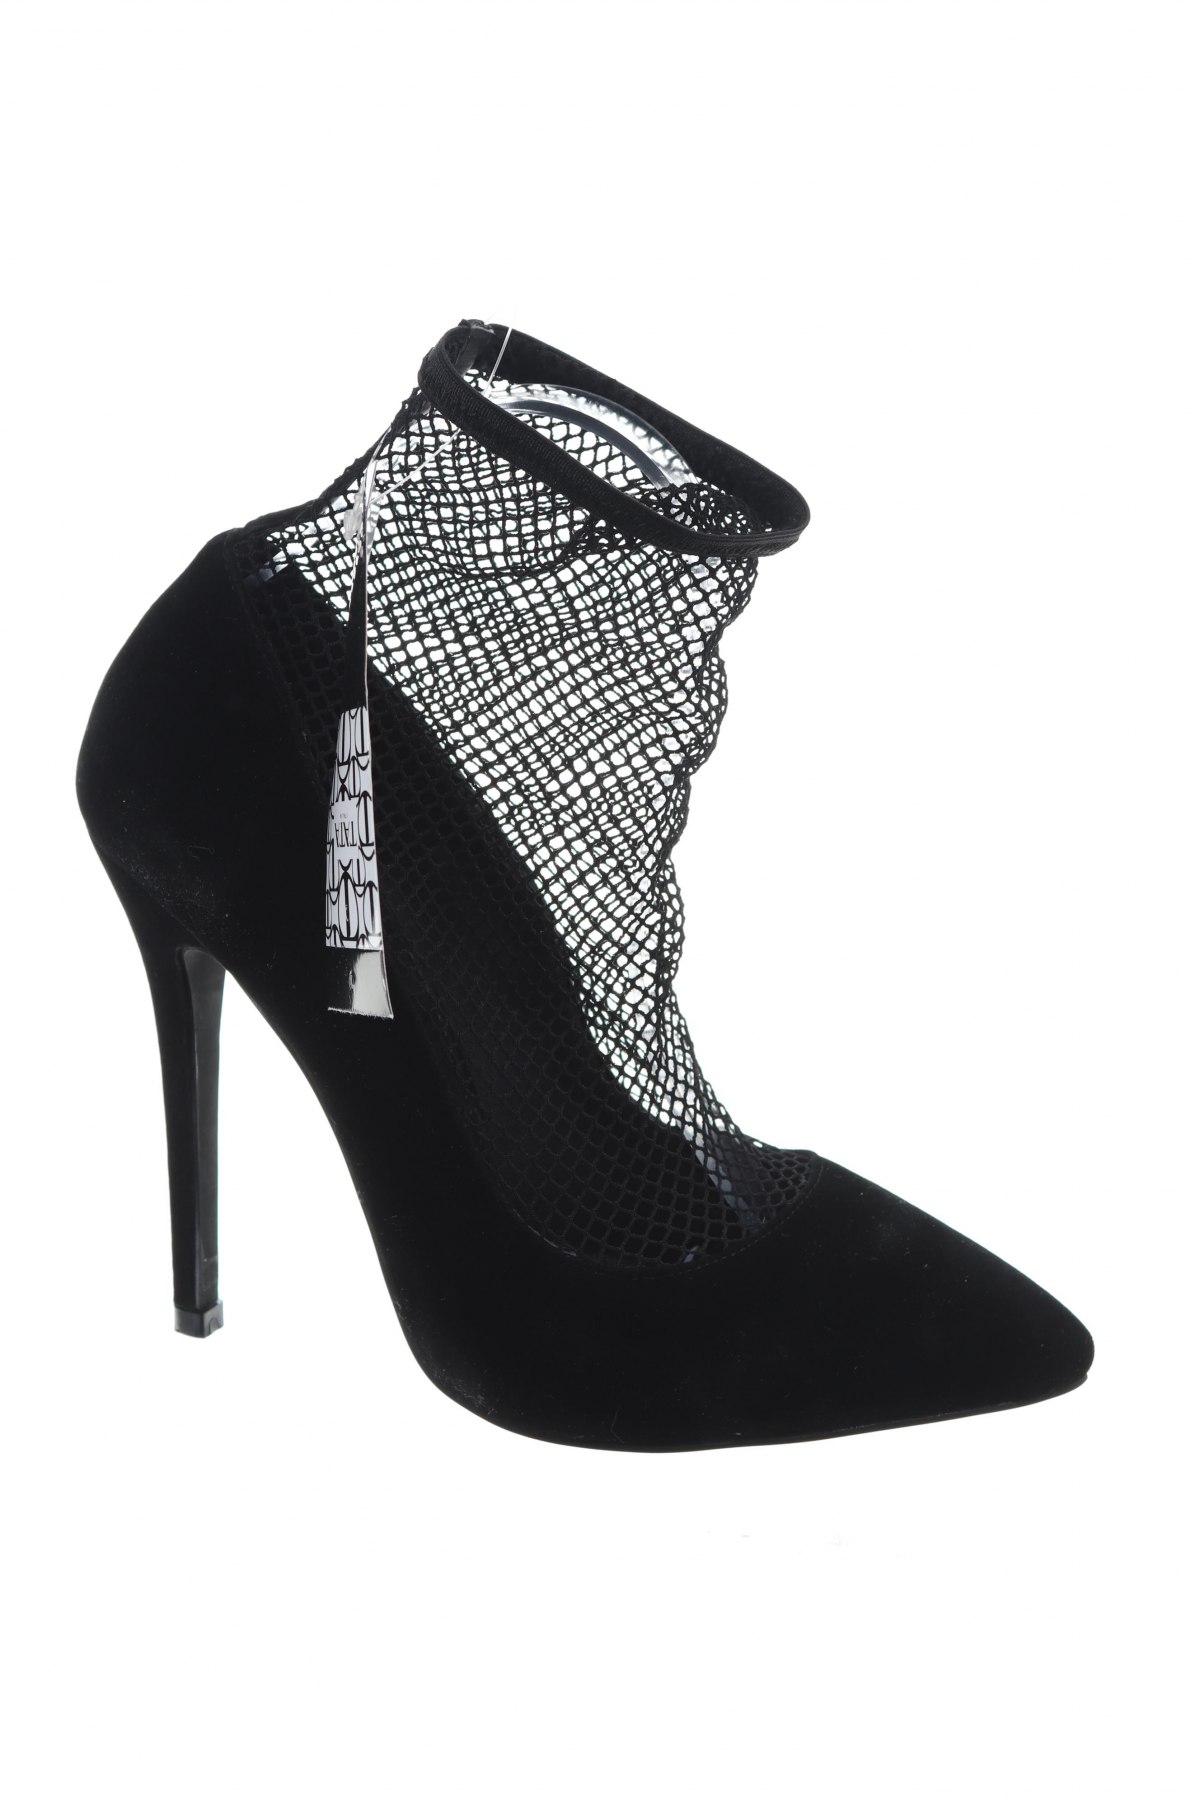 Γυναικεία παπούτσια Tata, Μέγεθος 39, Χρώμα Μαύρο, Κλωστοϋφαντουργικά προϊόντα, Τιμή 34,41€